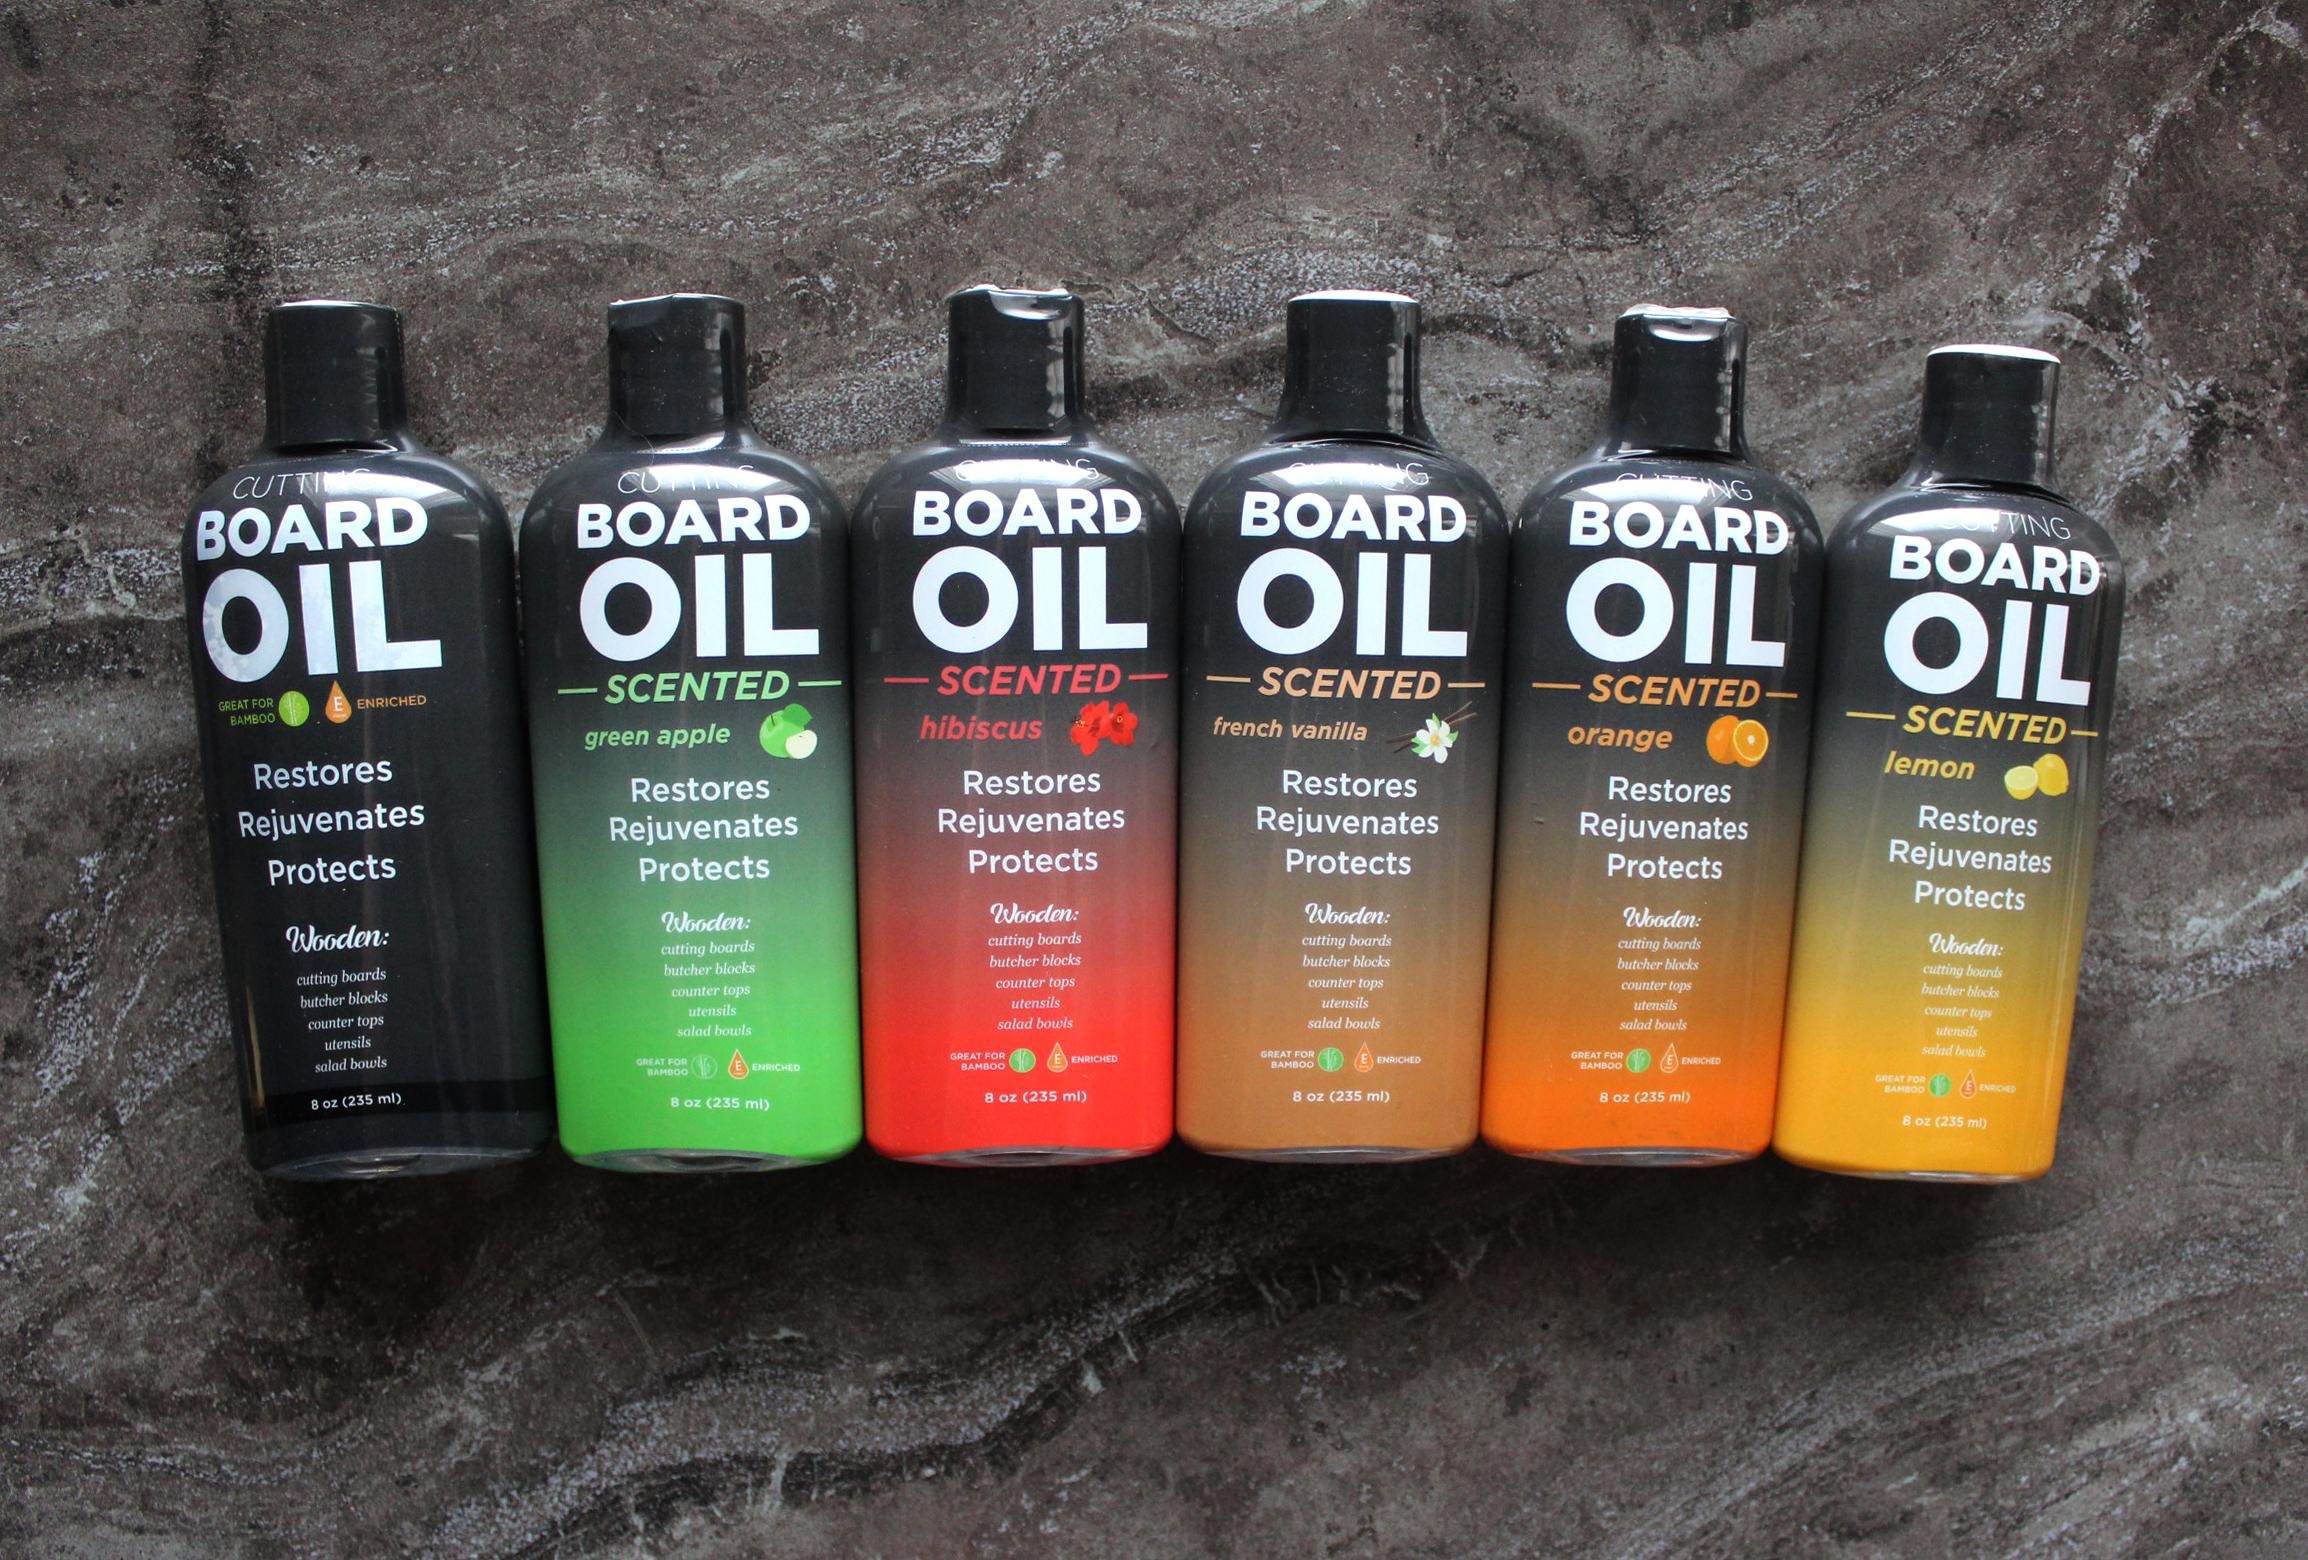 Board Oil